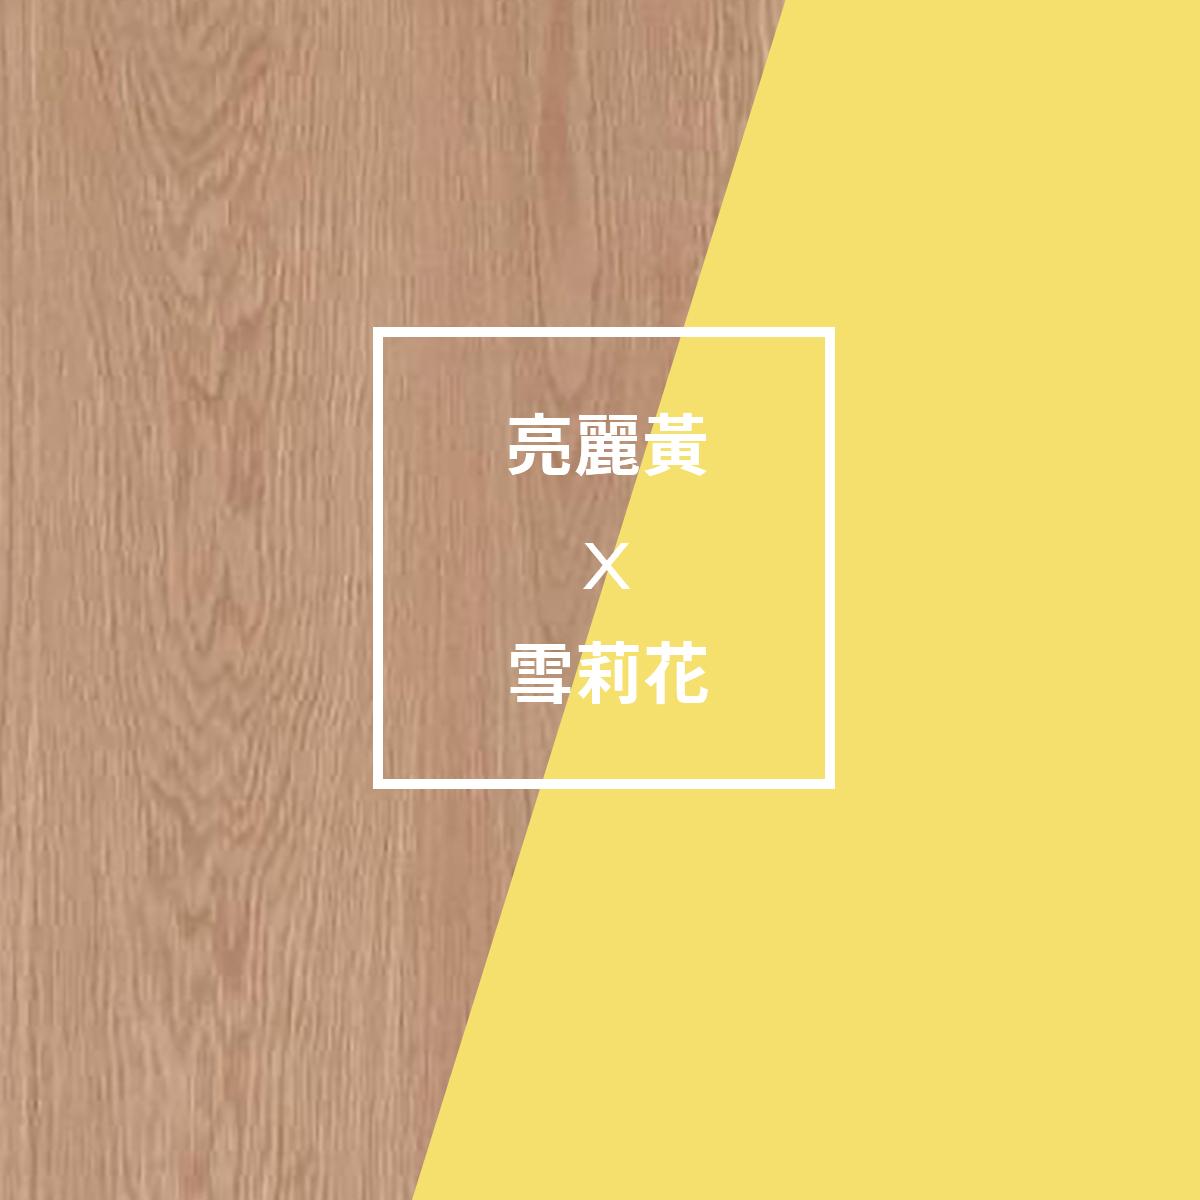 2021pantone代表色與木皮的搭配